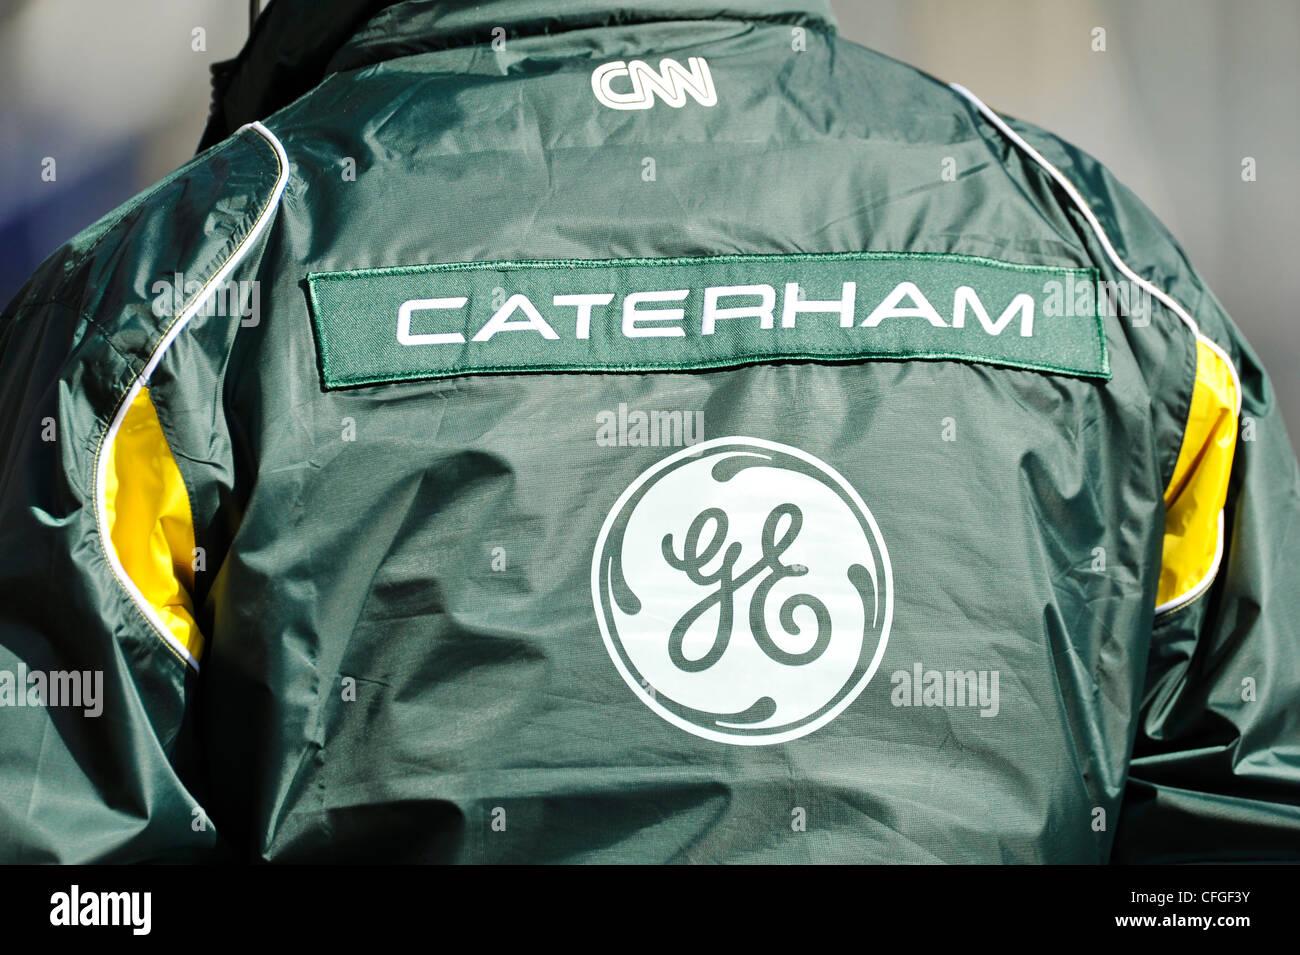 Caterham Markenlogo auf Jacke eines Teammitglieds während Formel1 Tests Sessions am Circuito Catalunya, Spanien Stockbild